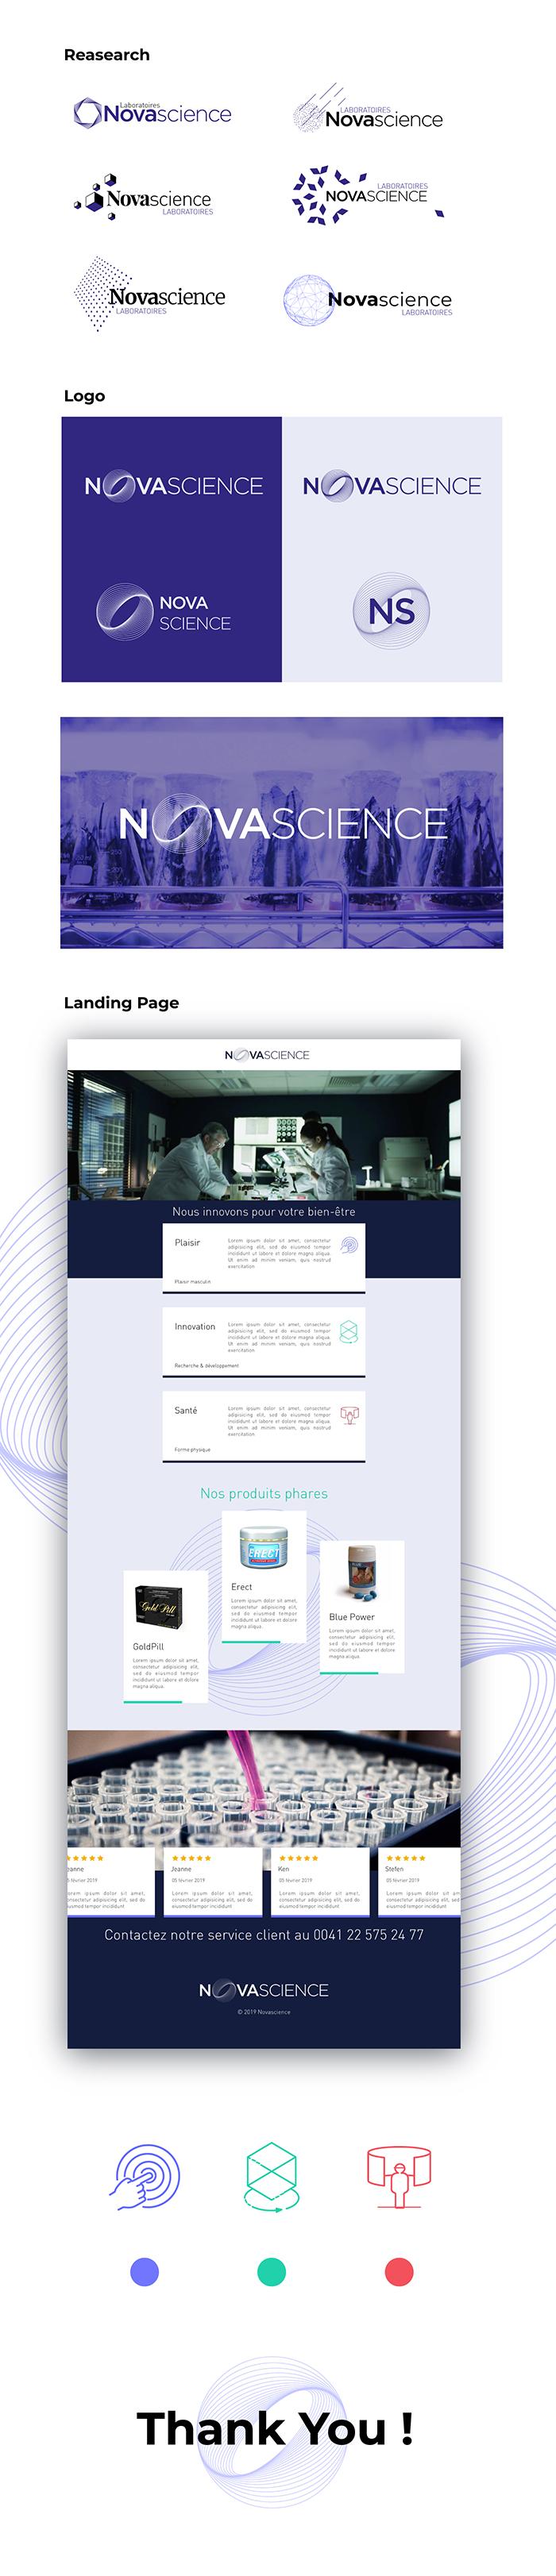 novascience-branding-designer-print-web-lille